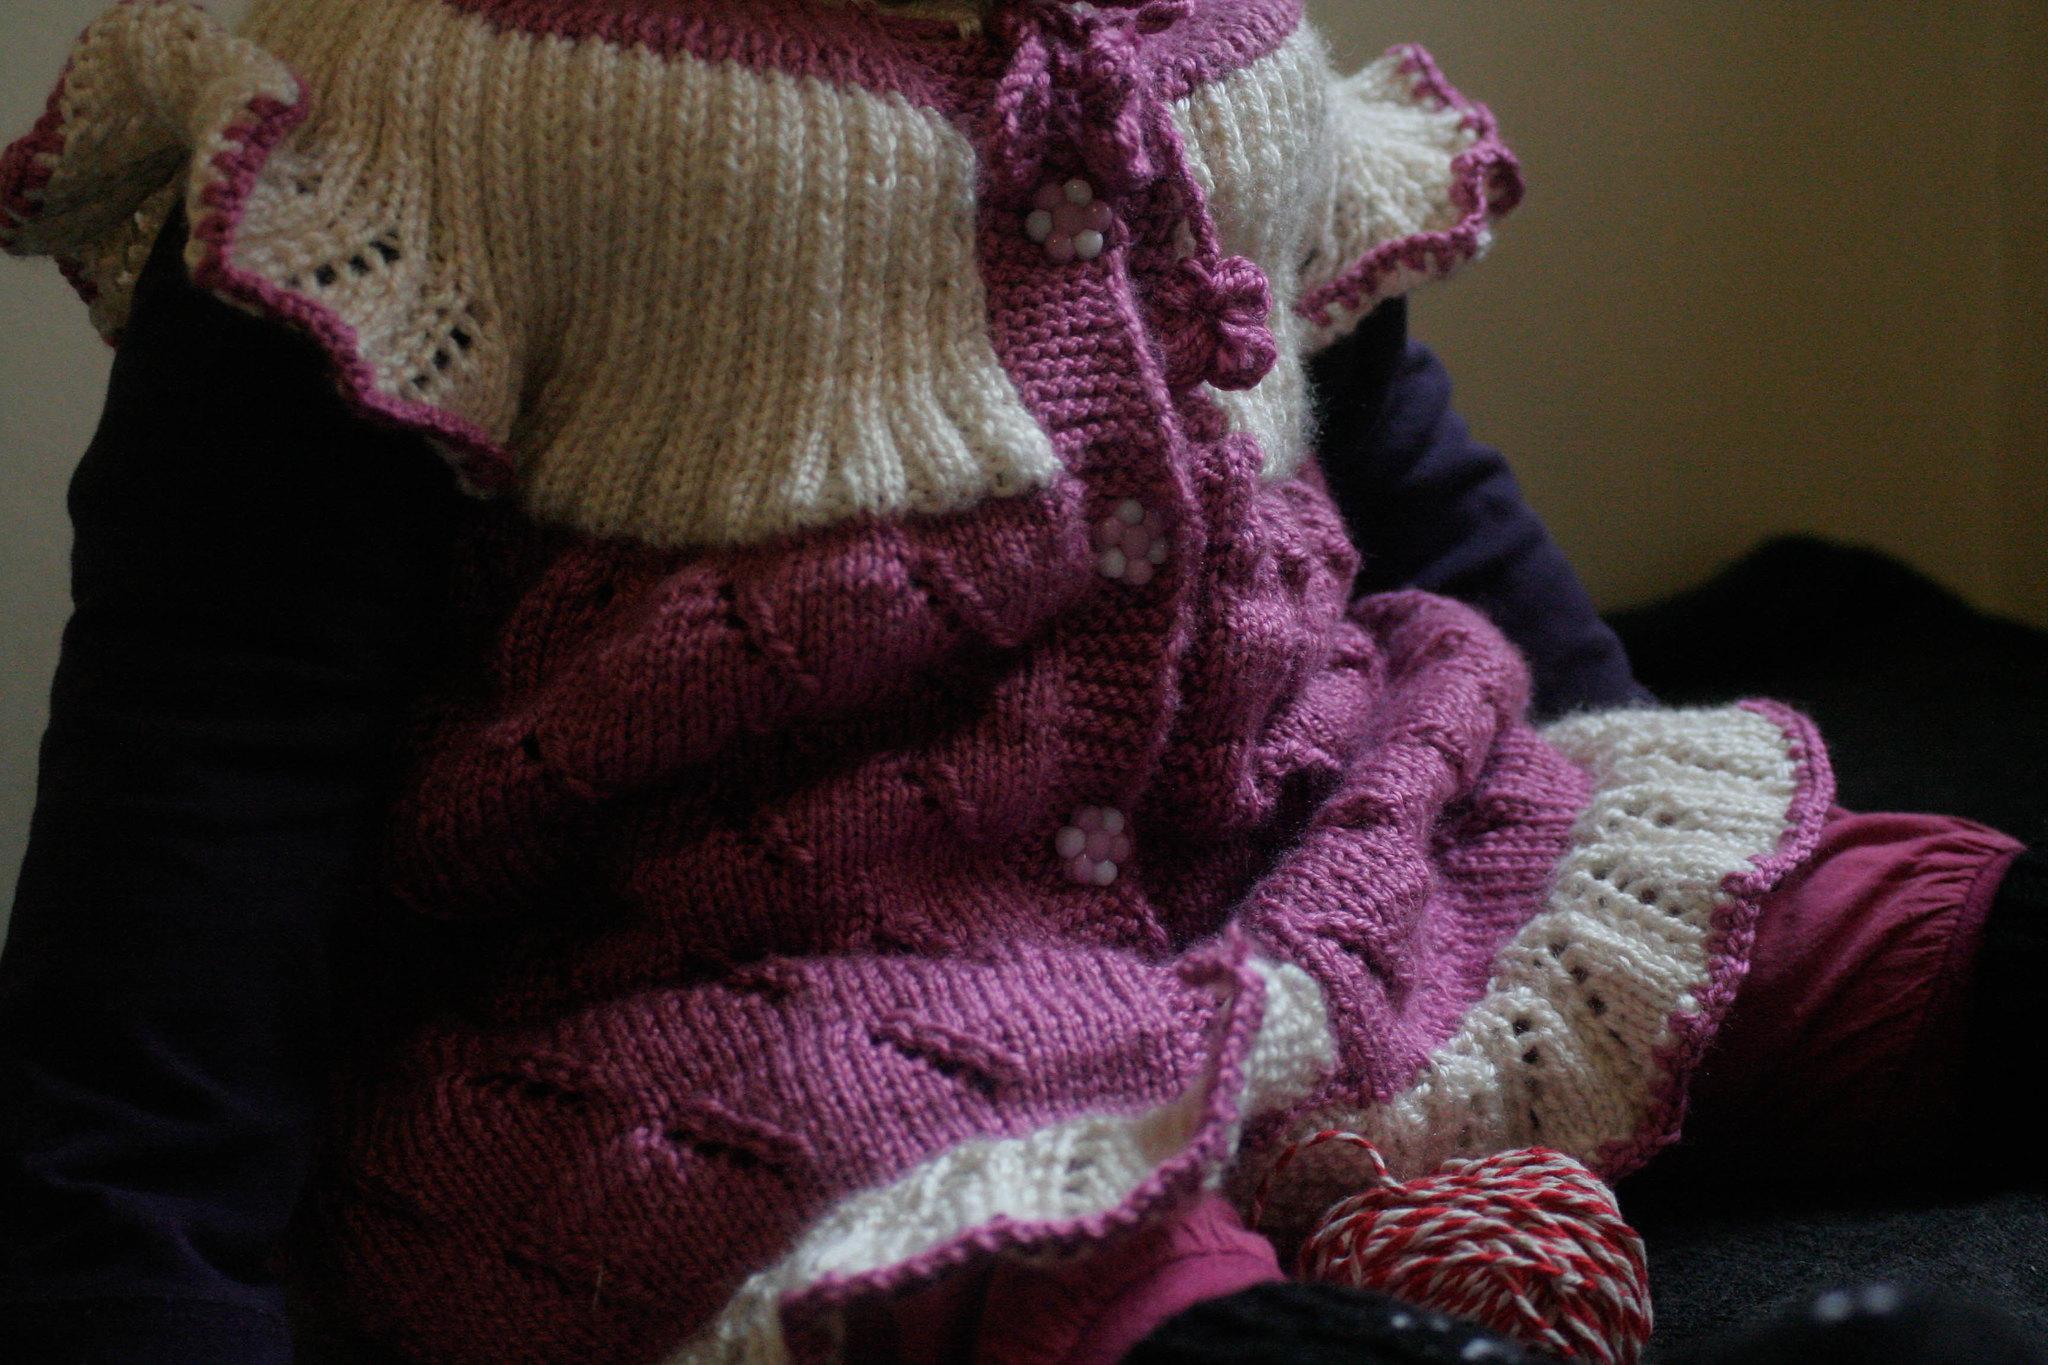 Neve in knitwear.